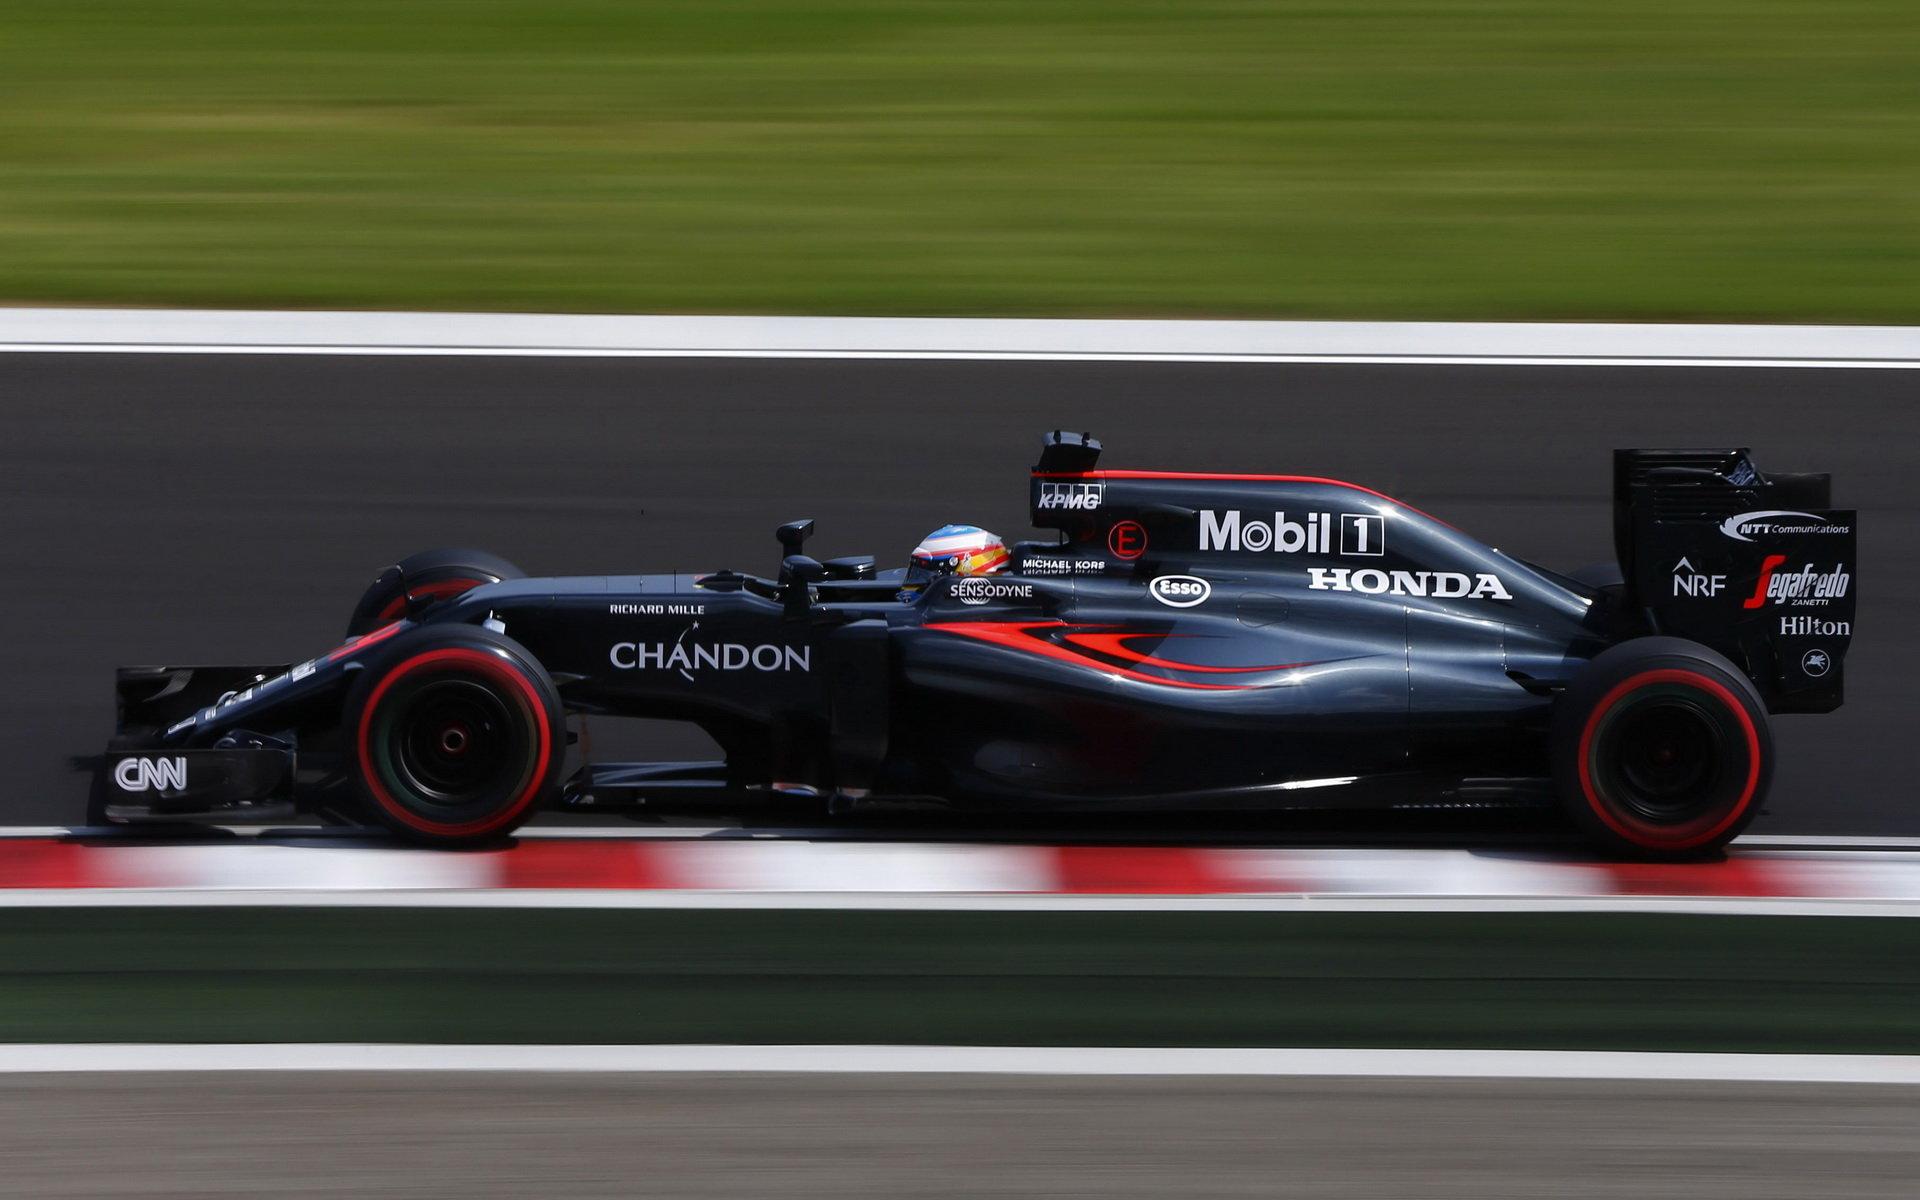 Honda vyčerpala 7 žetonů, v Belgii nasadí nový motor - anotační obrázek